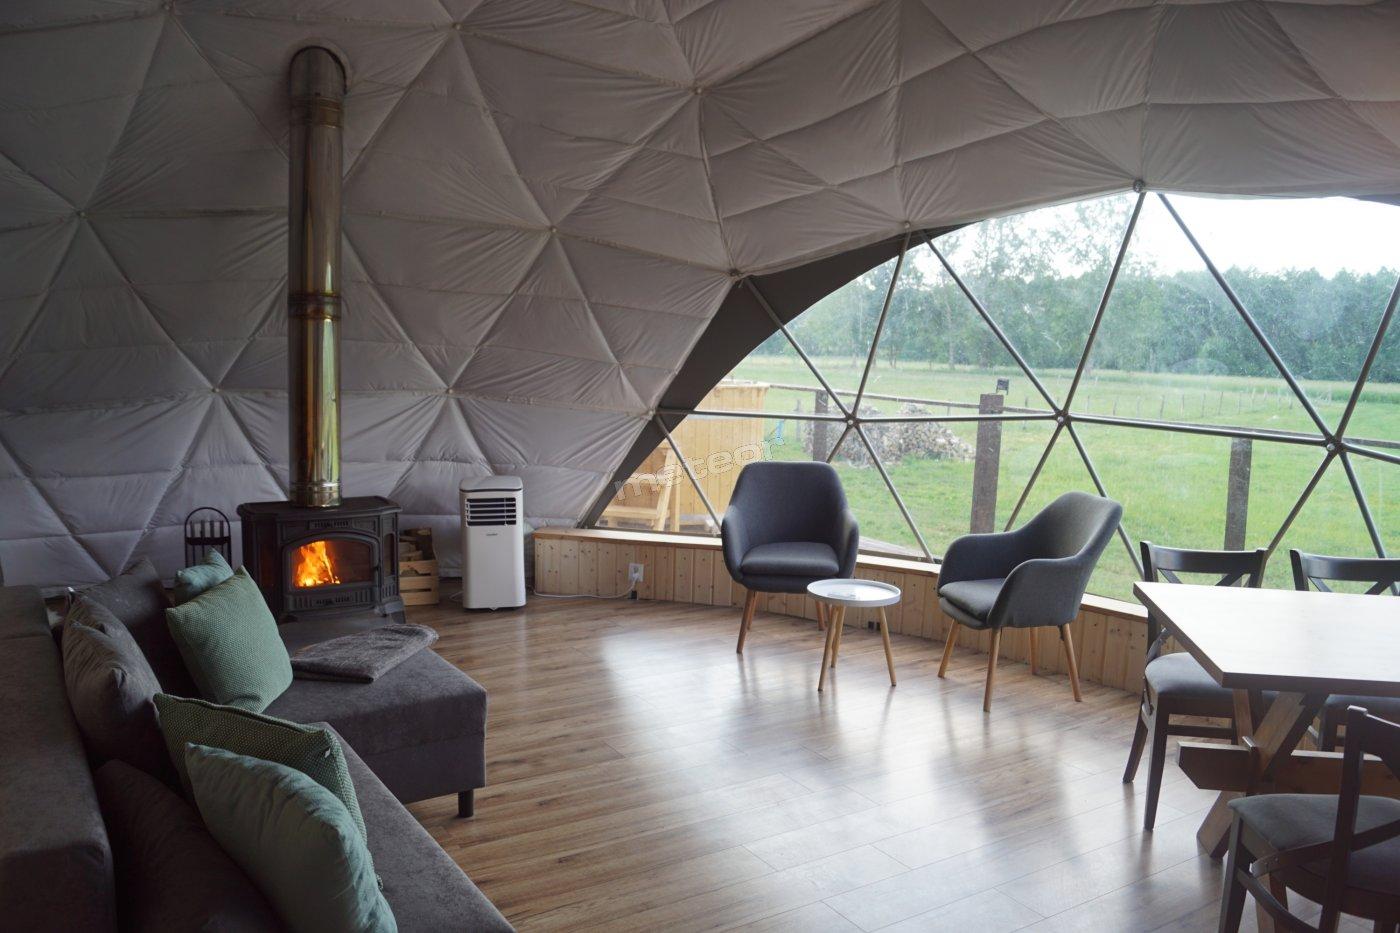 50 m apartament w namiocie sferycznym, klimatyzowany z kominkiem (całoroczny)